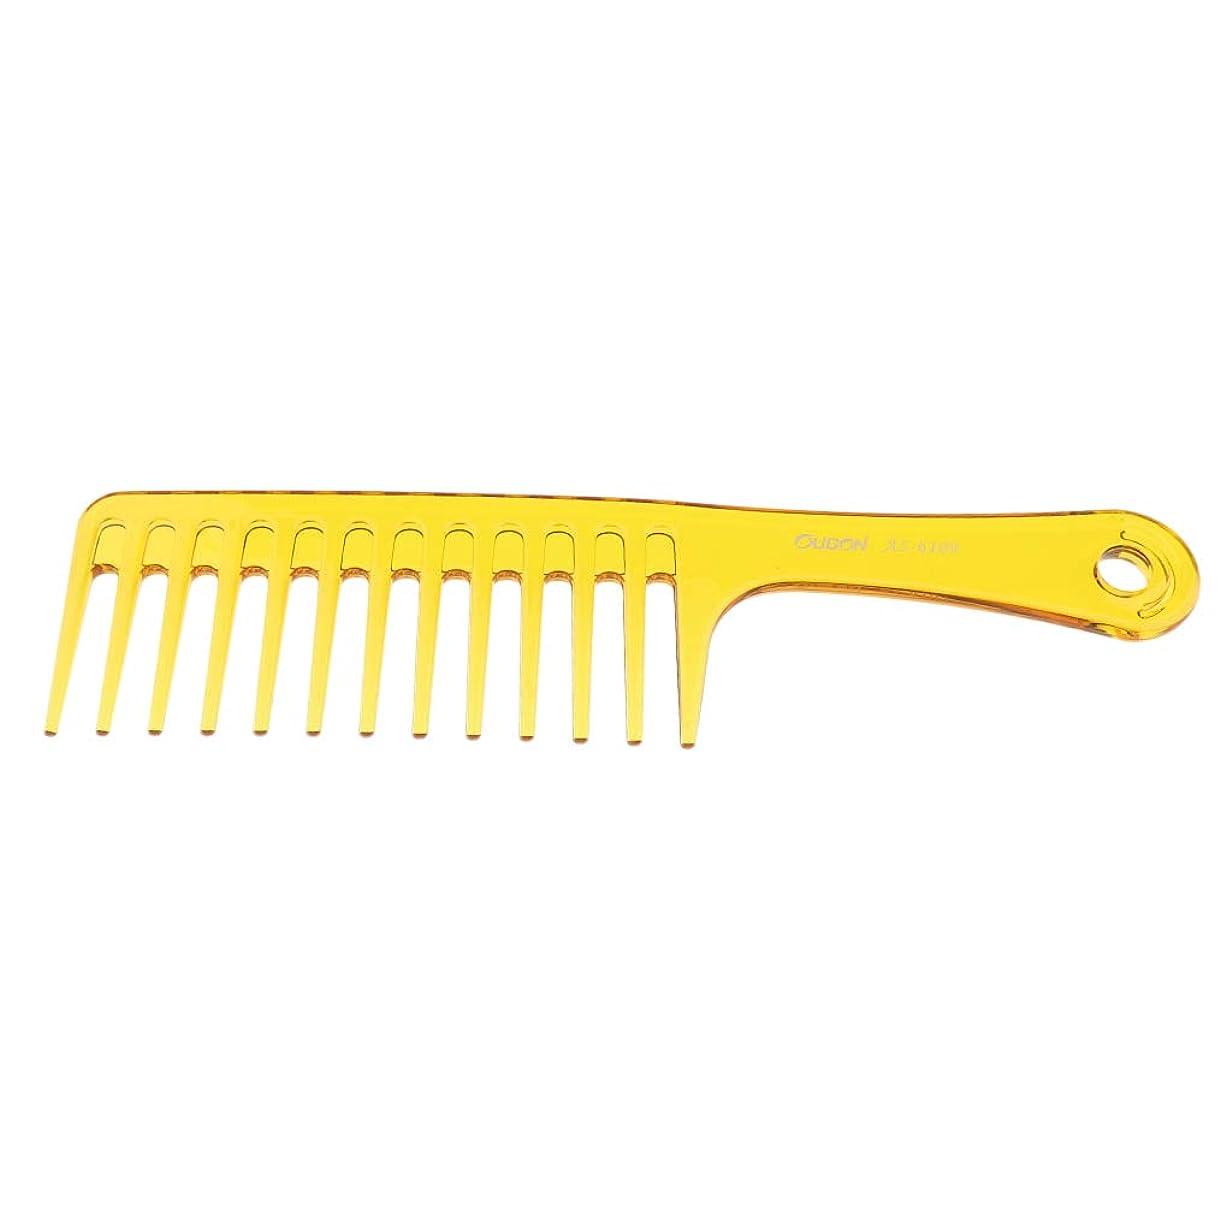 不毛有益なファンシーF Fityle ヘアブラシ 巻き毛太い髪 広い歯櫛 サロン ヘアスタイリング 2色選べ - 黄